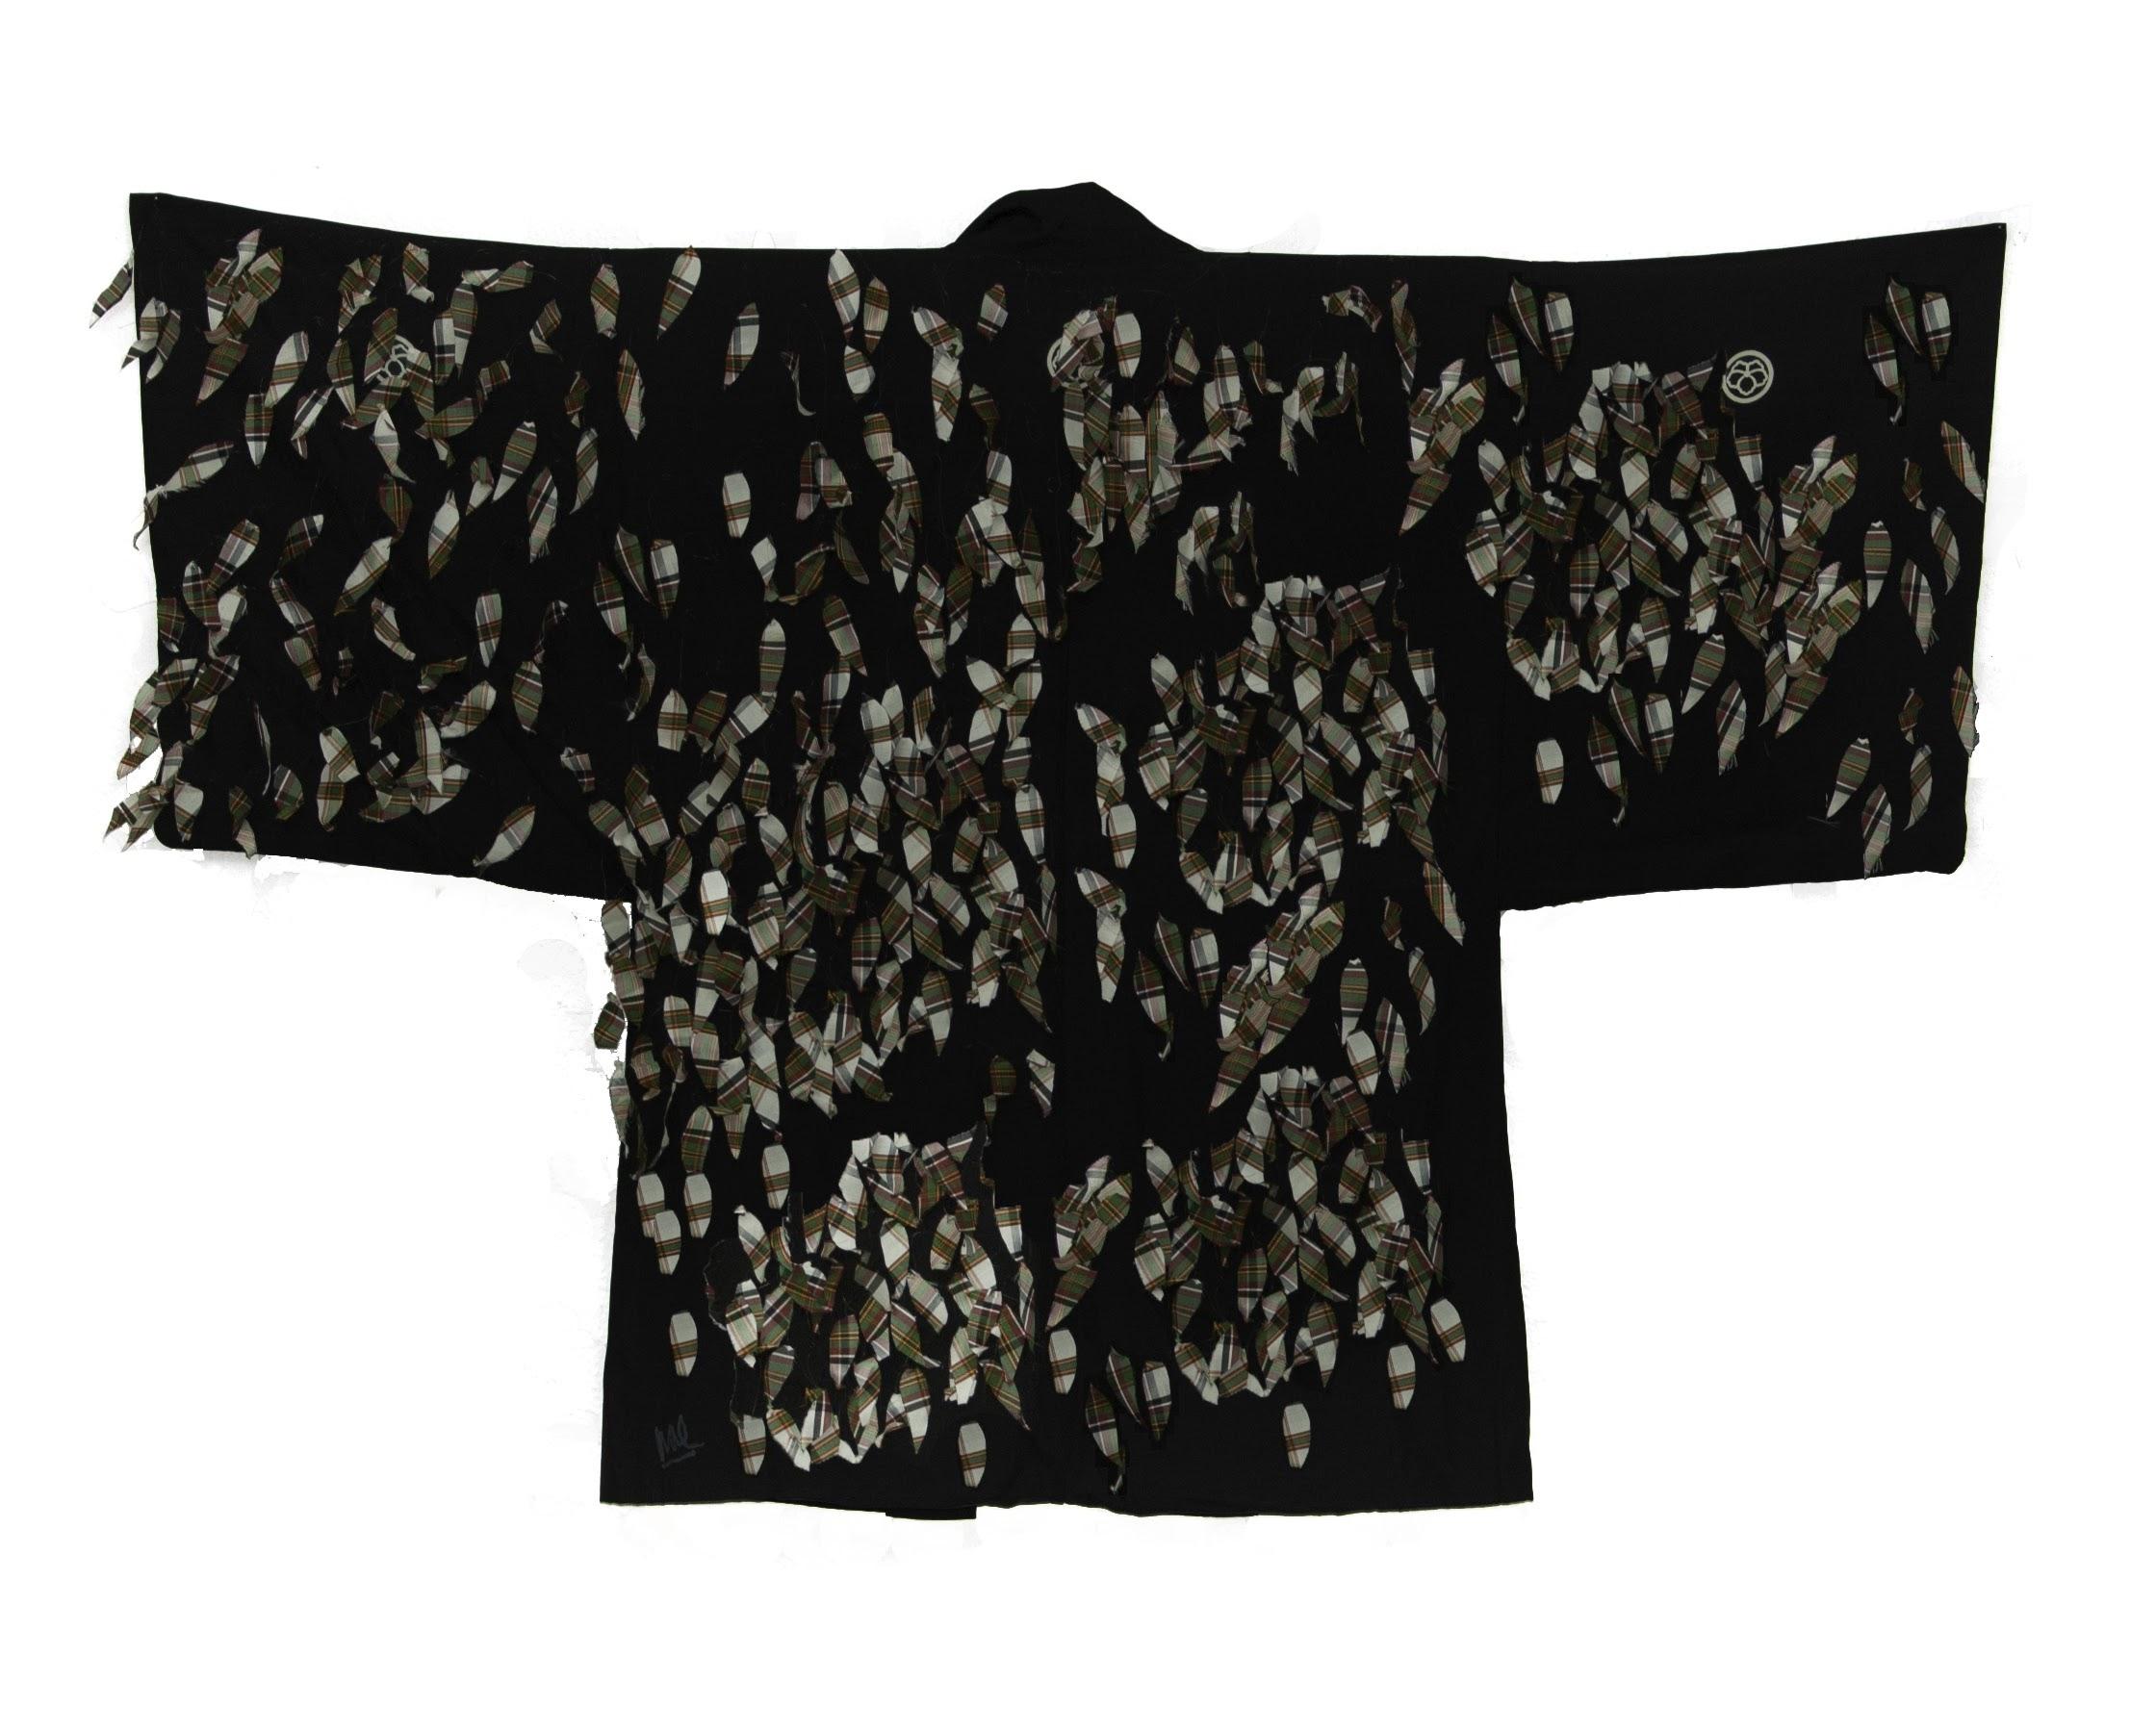 HOJAS Técnica: Haori de seda con telas almidonadas cosidas. Dimensiones: 130 x 100 cm.